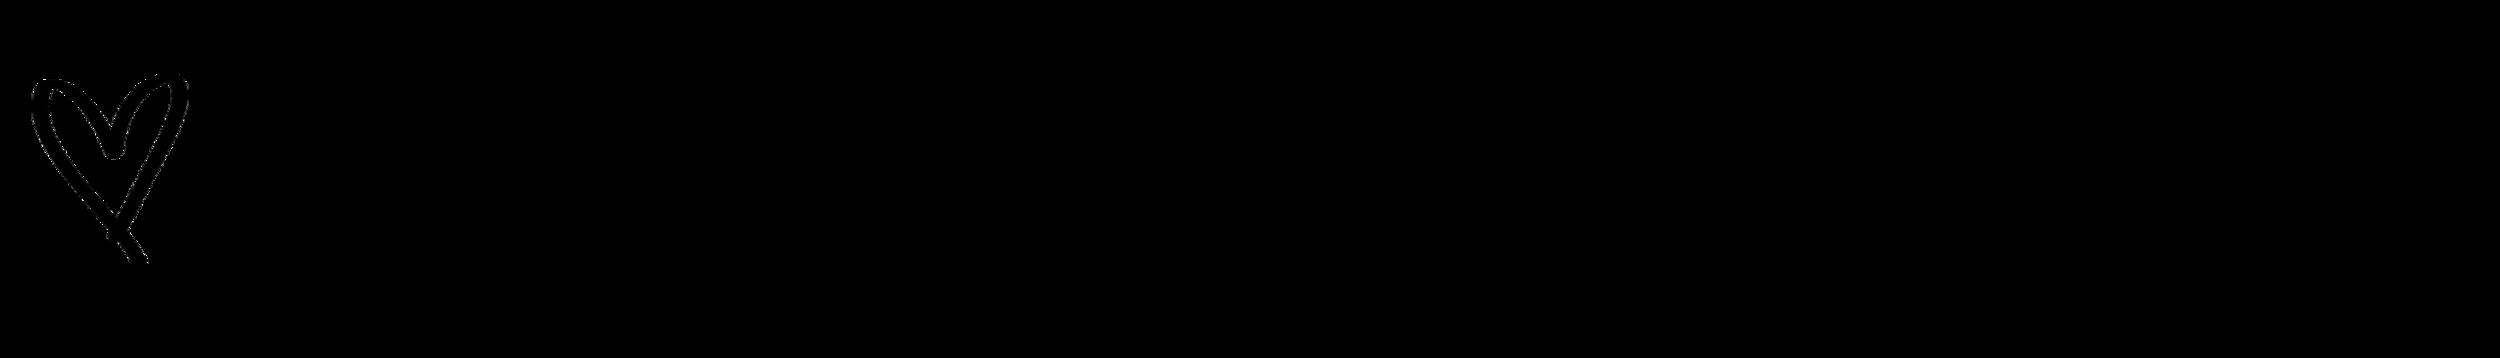 kat-signature.png